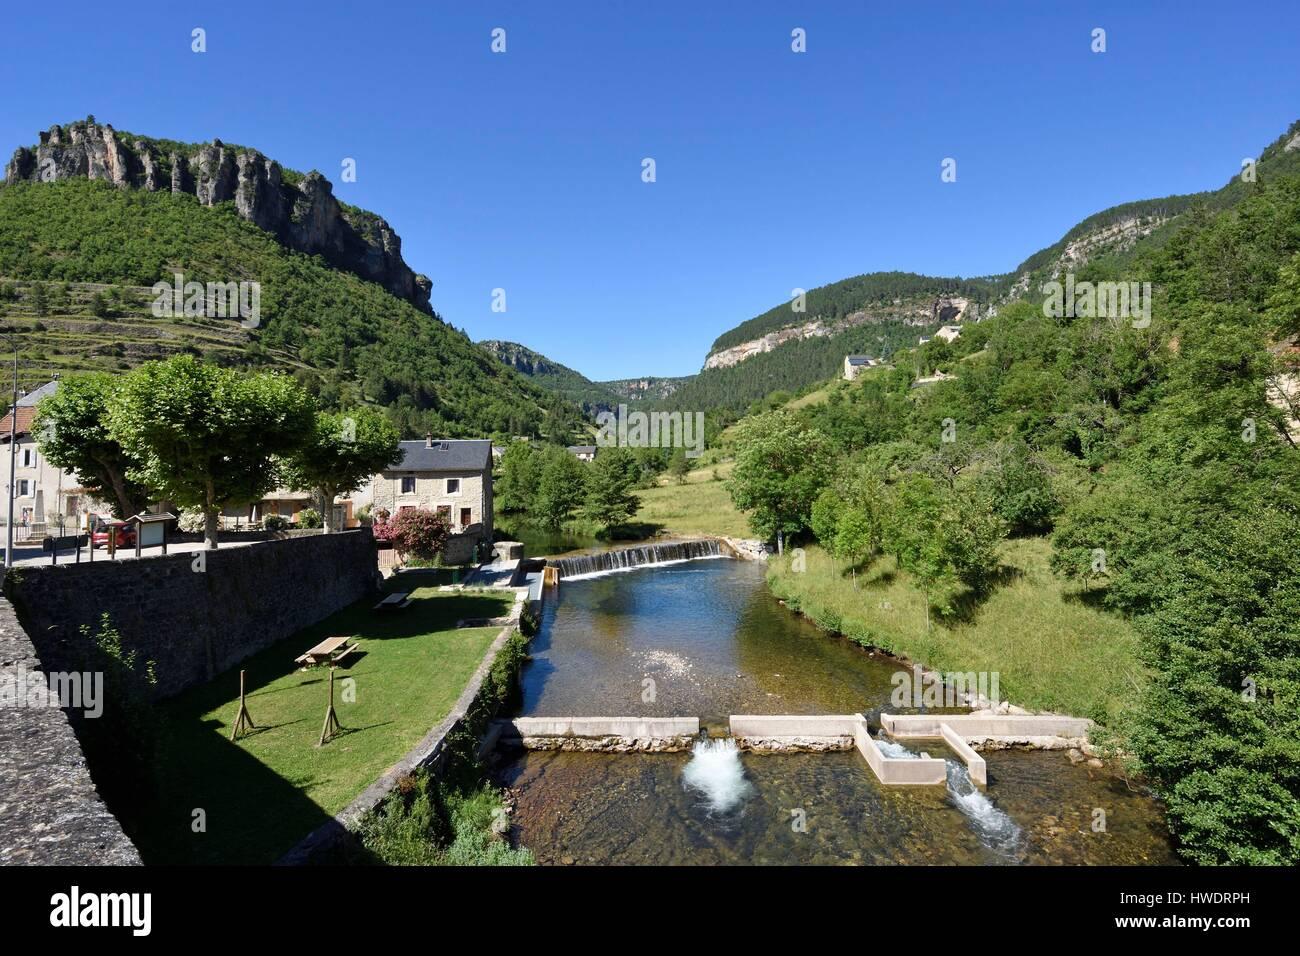 France, Gard, Treves, Trevezel river, dam and fish passes, Rocher du Regard - Stock Image